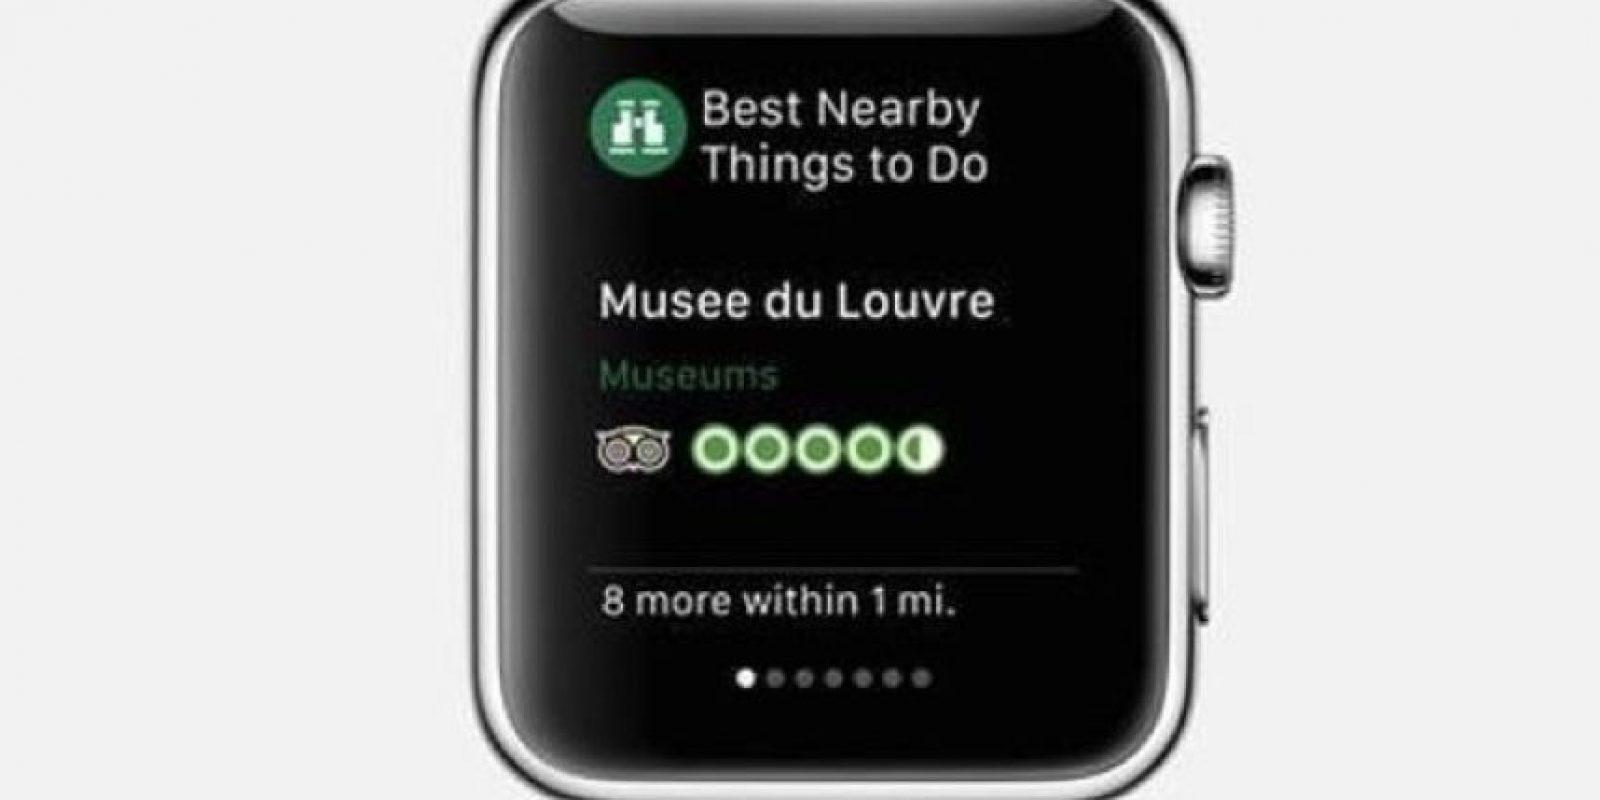 TripAdvisor: Información sobre destinos, hoteles, restaurantes y sitios de interés. Foto:Apple